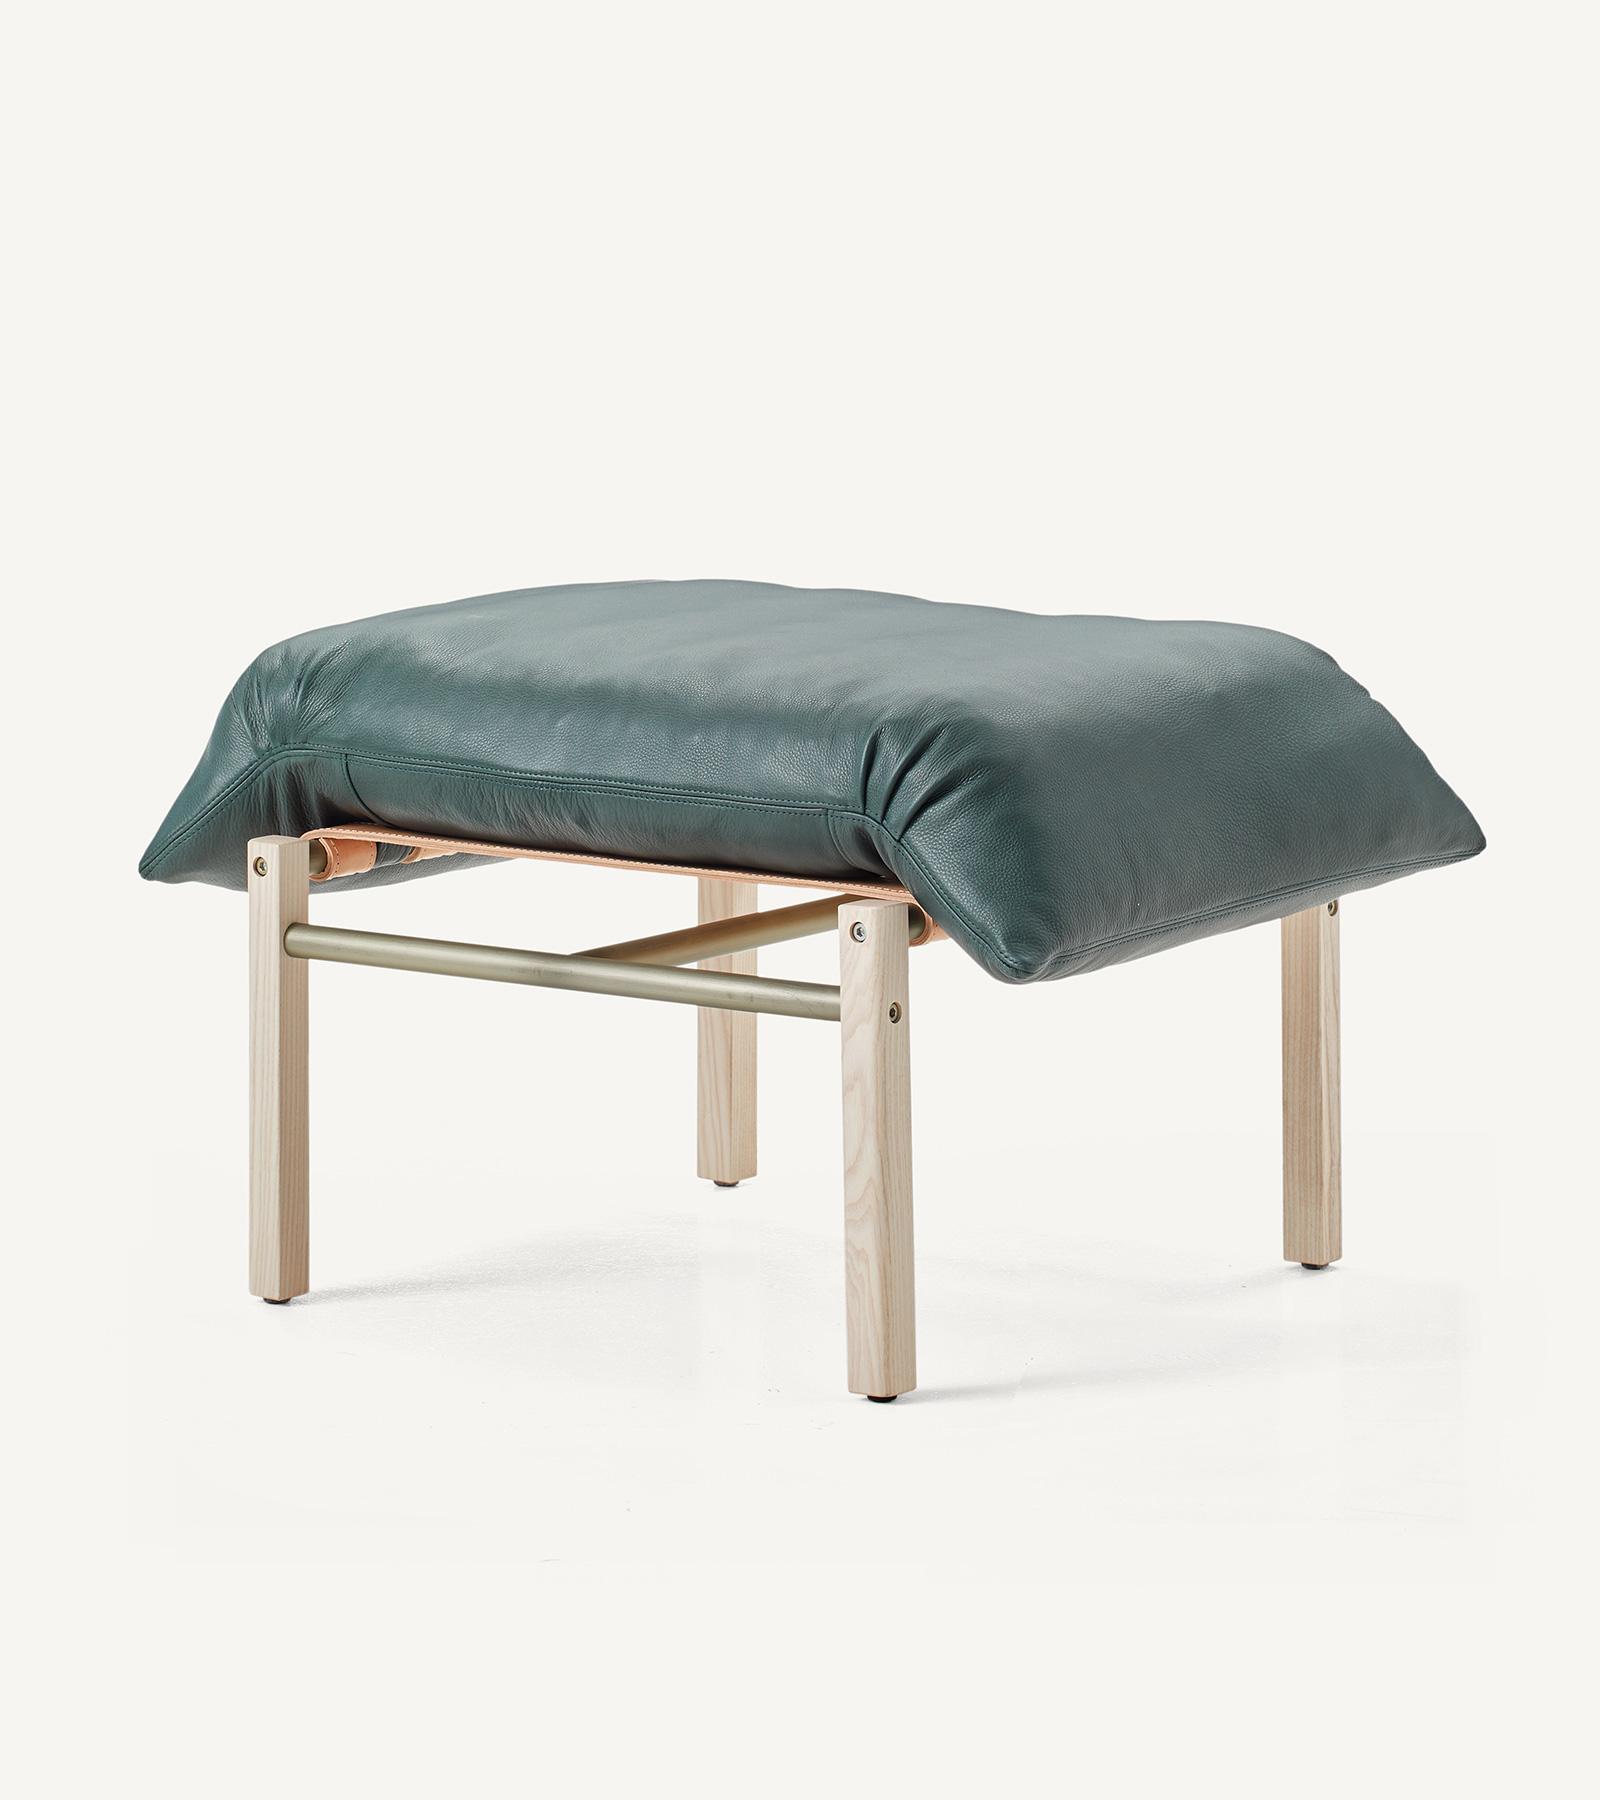 TinnappleMetz-bassamfellows-Sling-Club-Chair-10